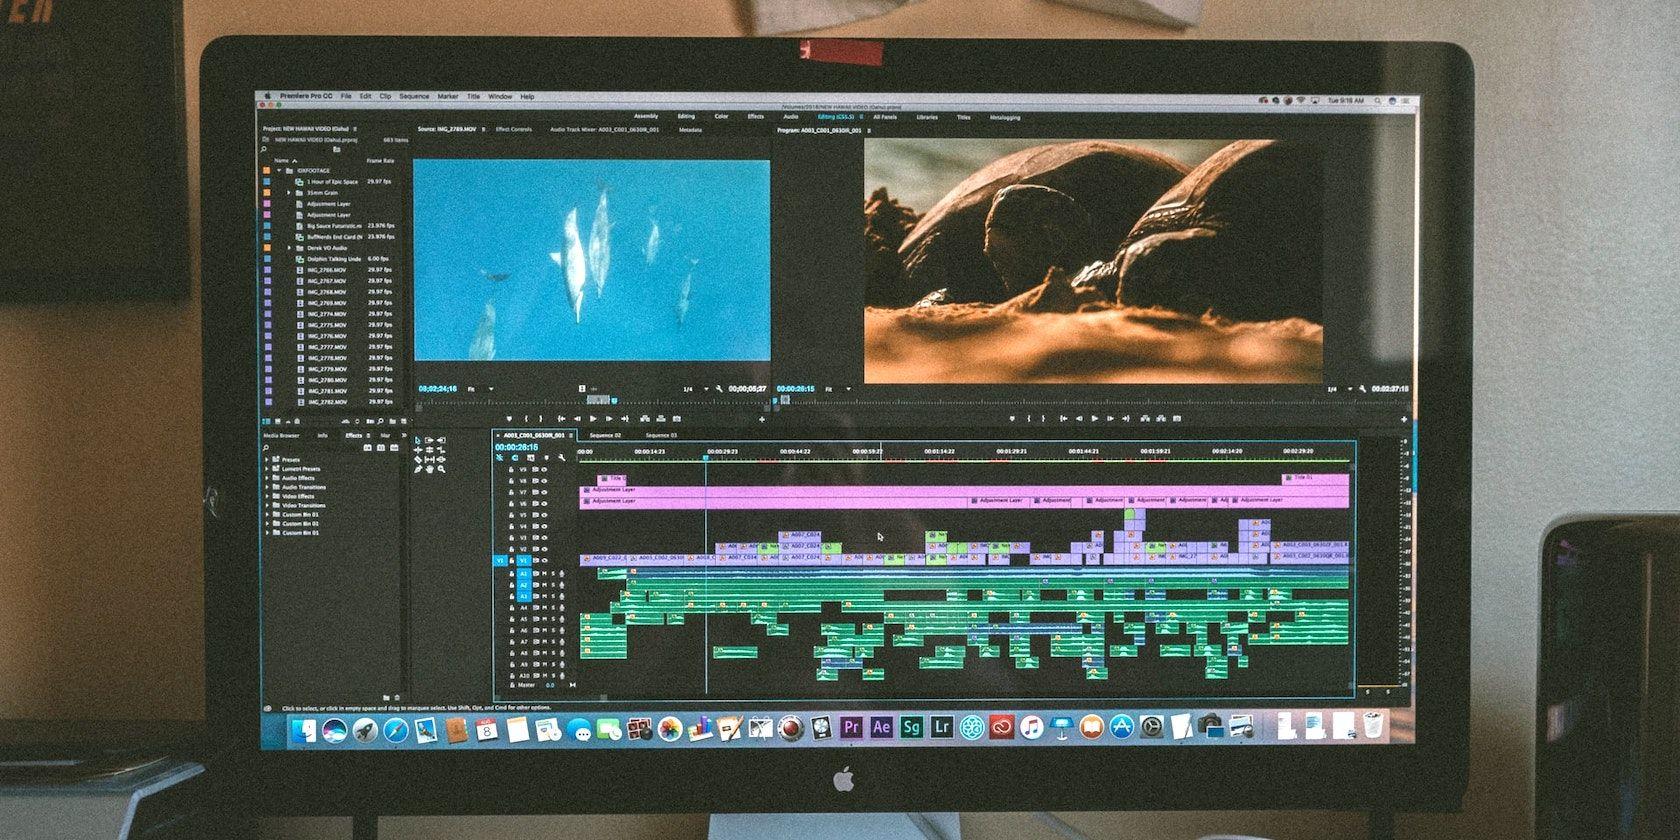 Adobe Premiere Pro window on iMac screen